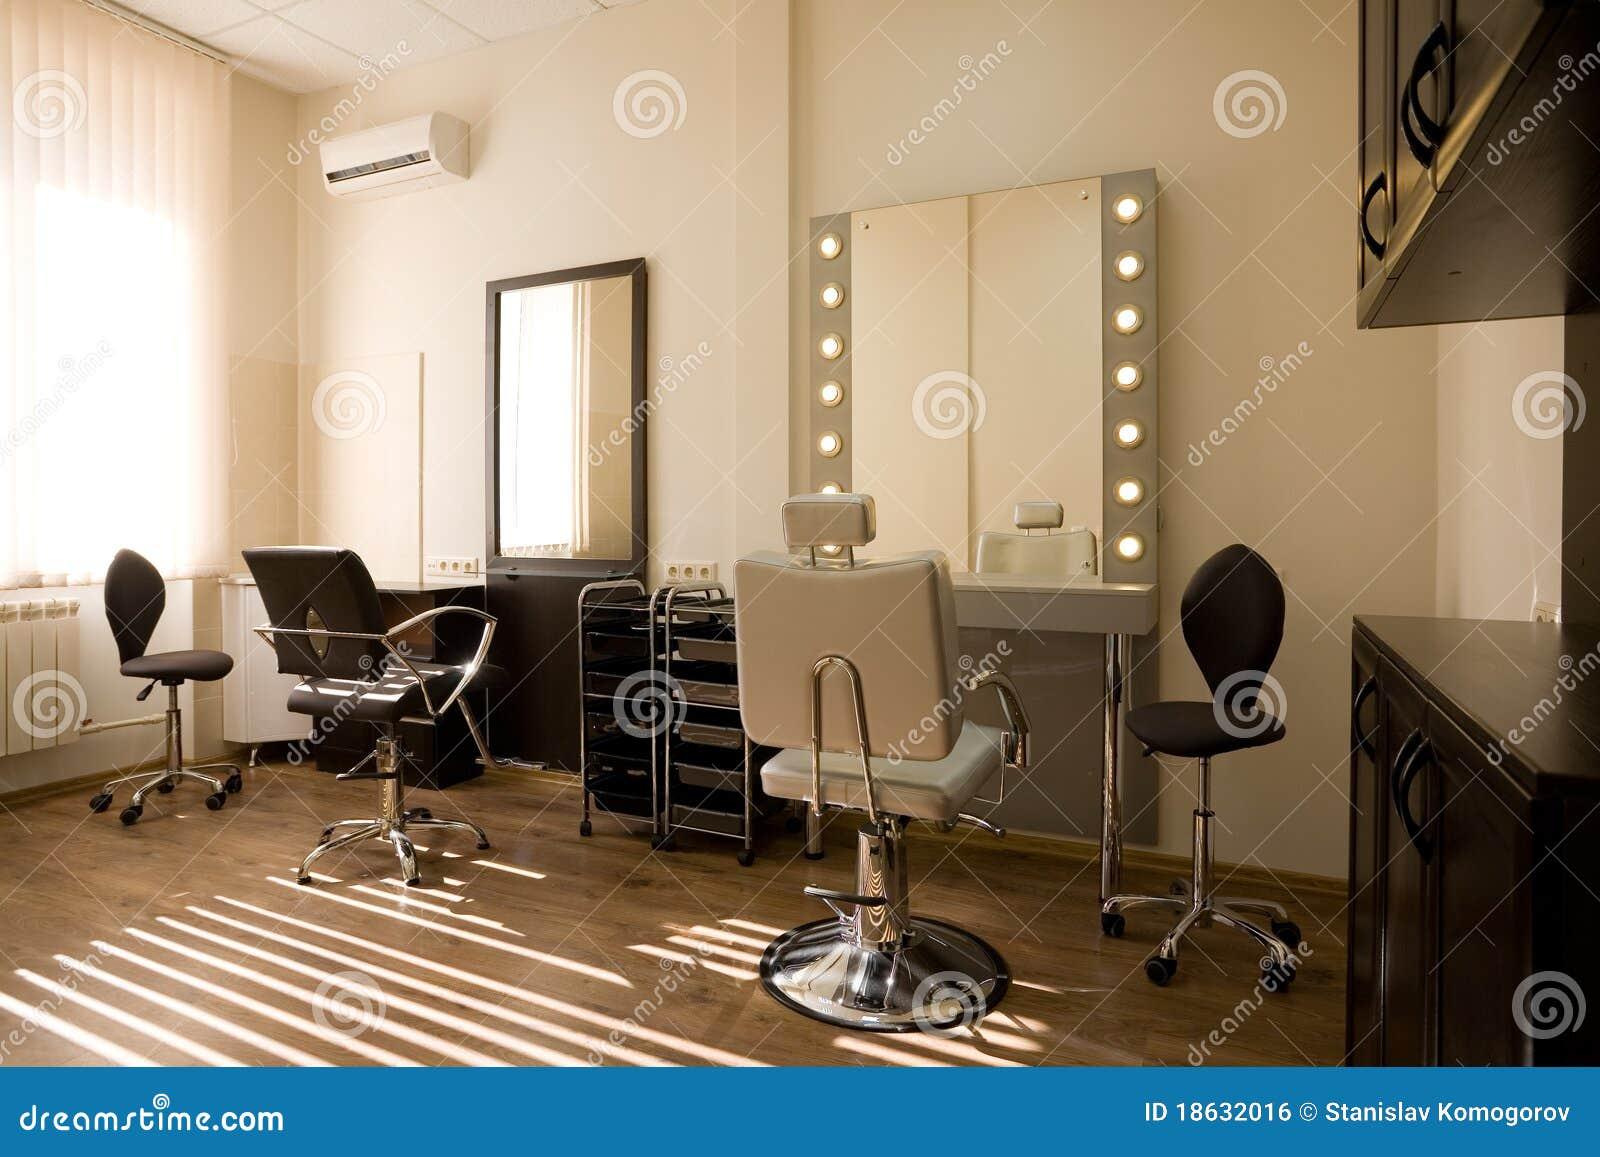 Artista de composi o do sal o de beleza e cabeleireiro - Spa modernos ...